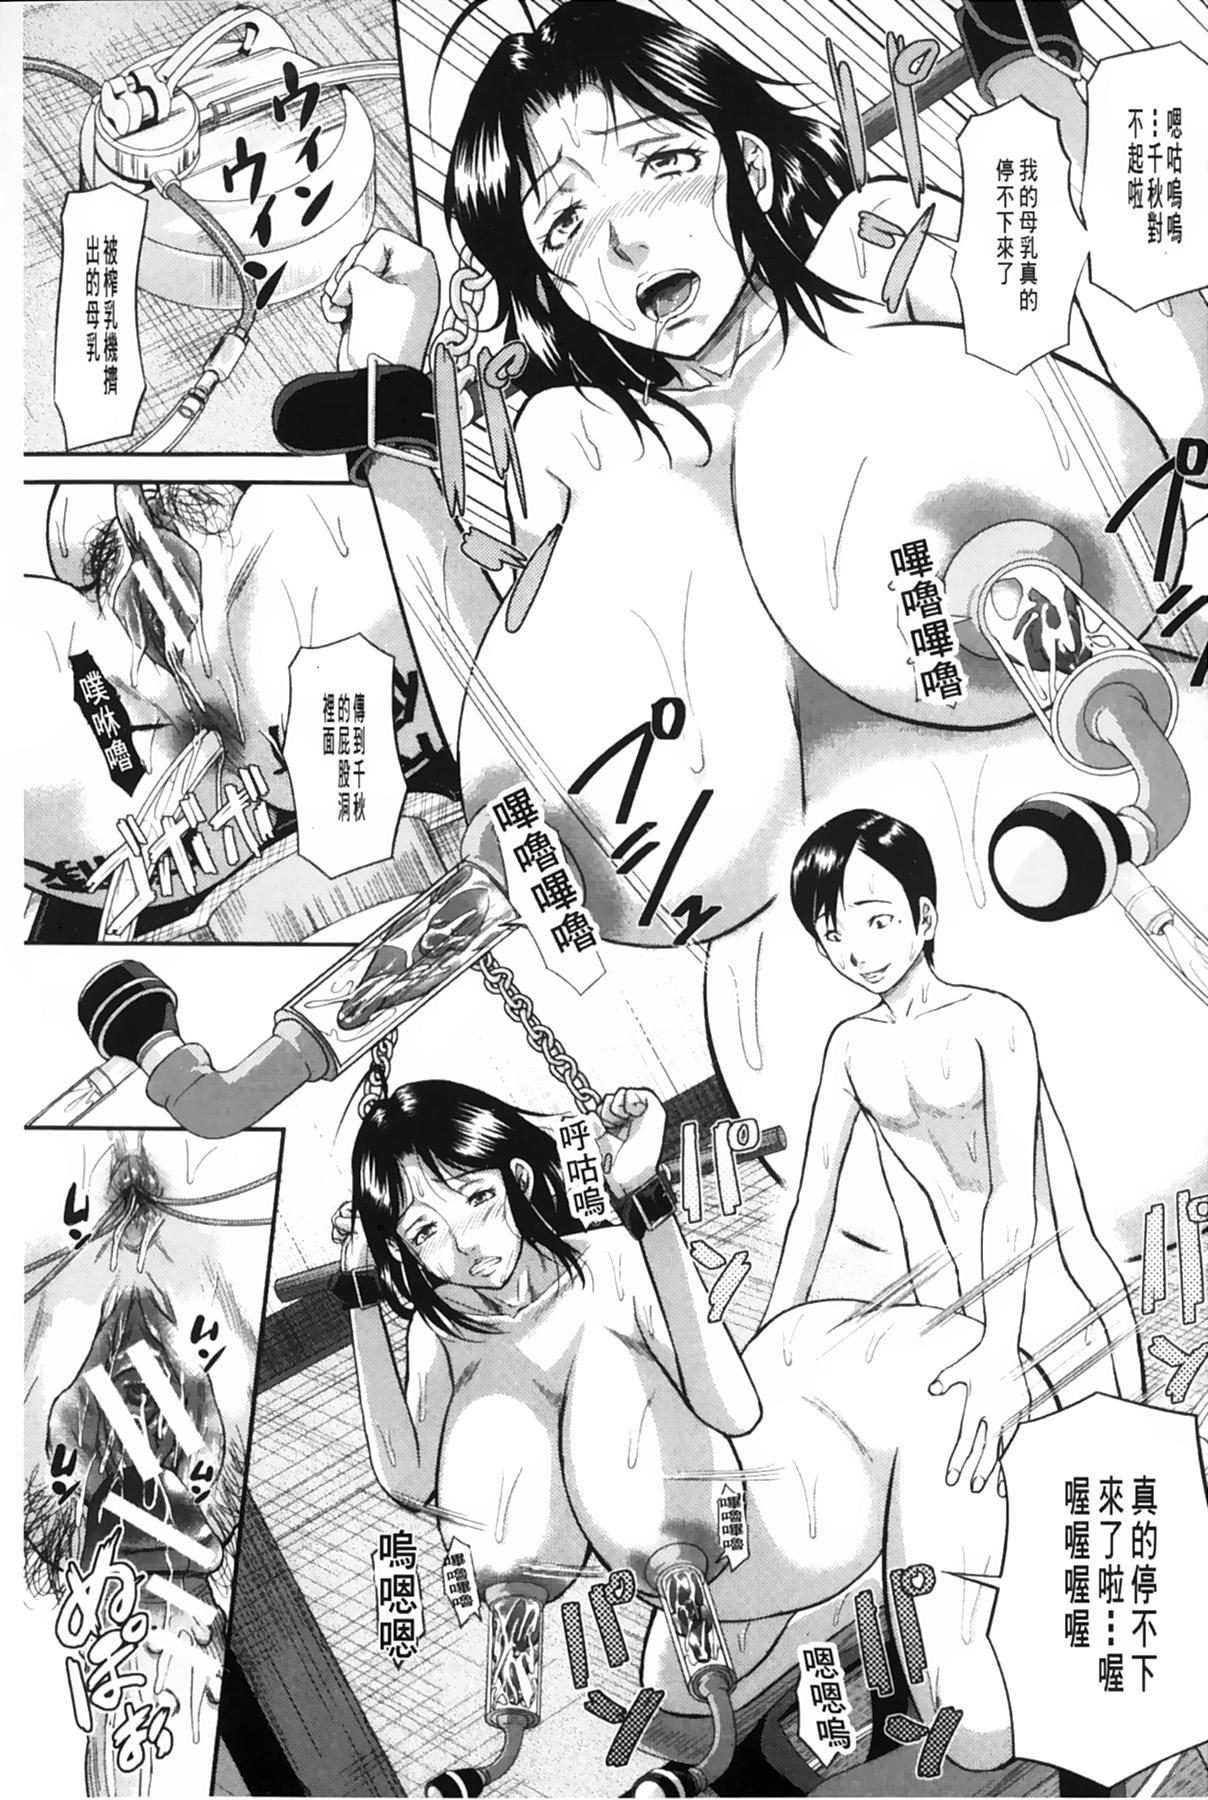 [Honebuto Danshaku] Onna Jigoku Niku no Tsubo~Hentai Rui Inran Ka Mesu Buta Ichidaiki~ | 女地獄、肉之壺 ~変態類淫乱科淫母豬一代記~ [Chinese] 97